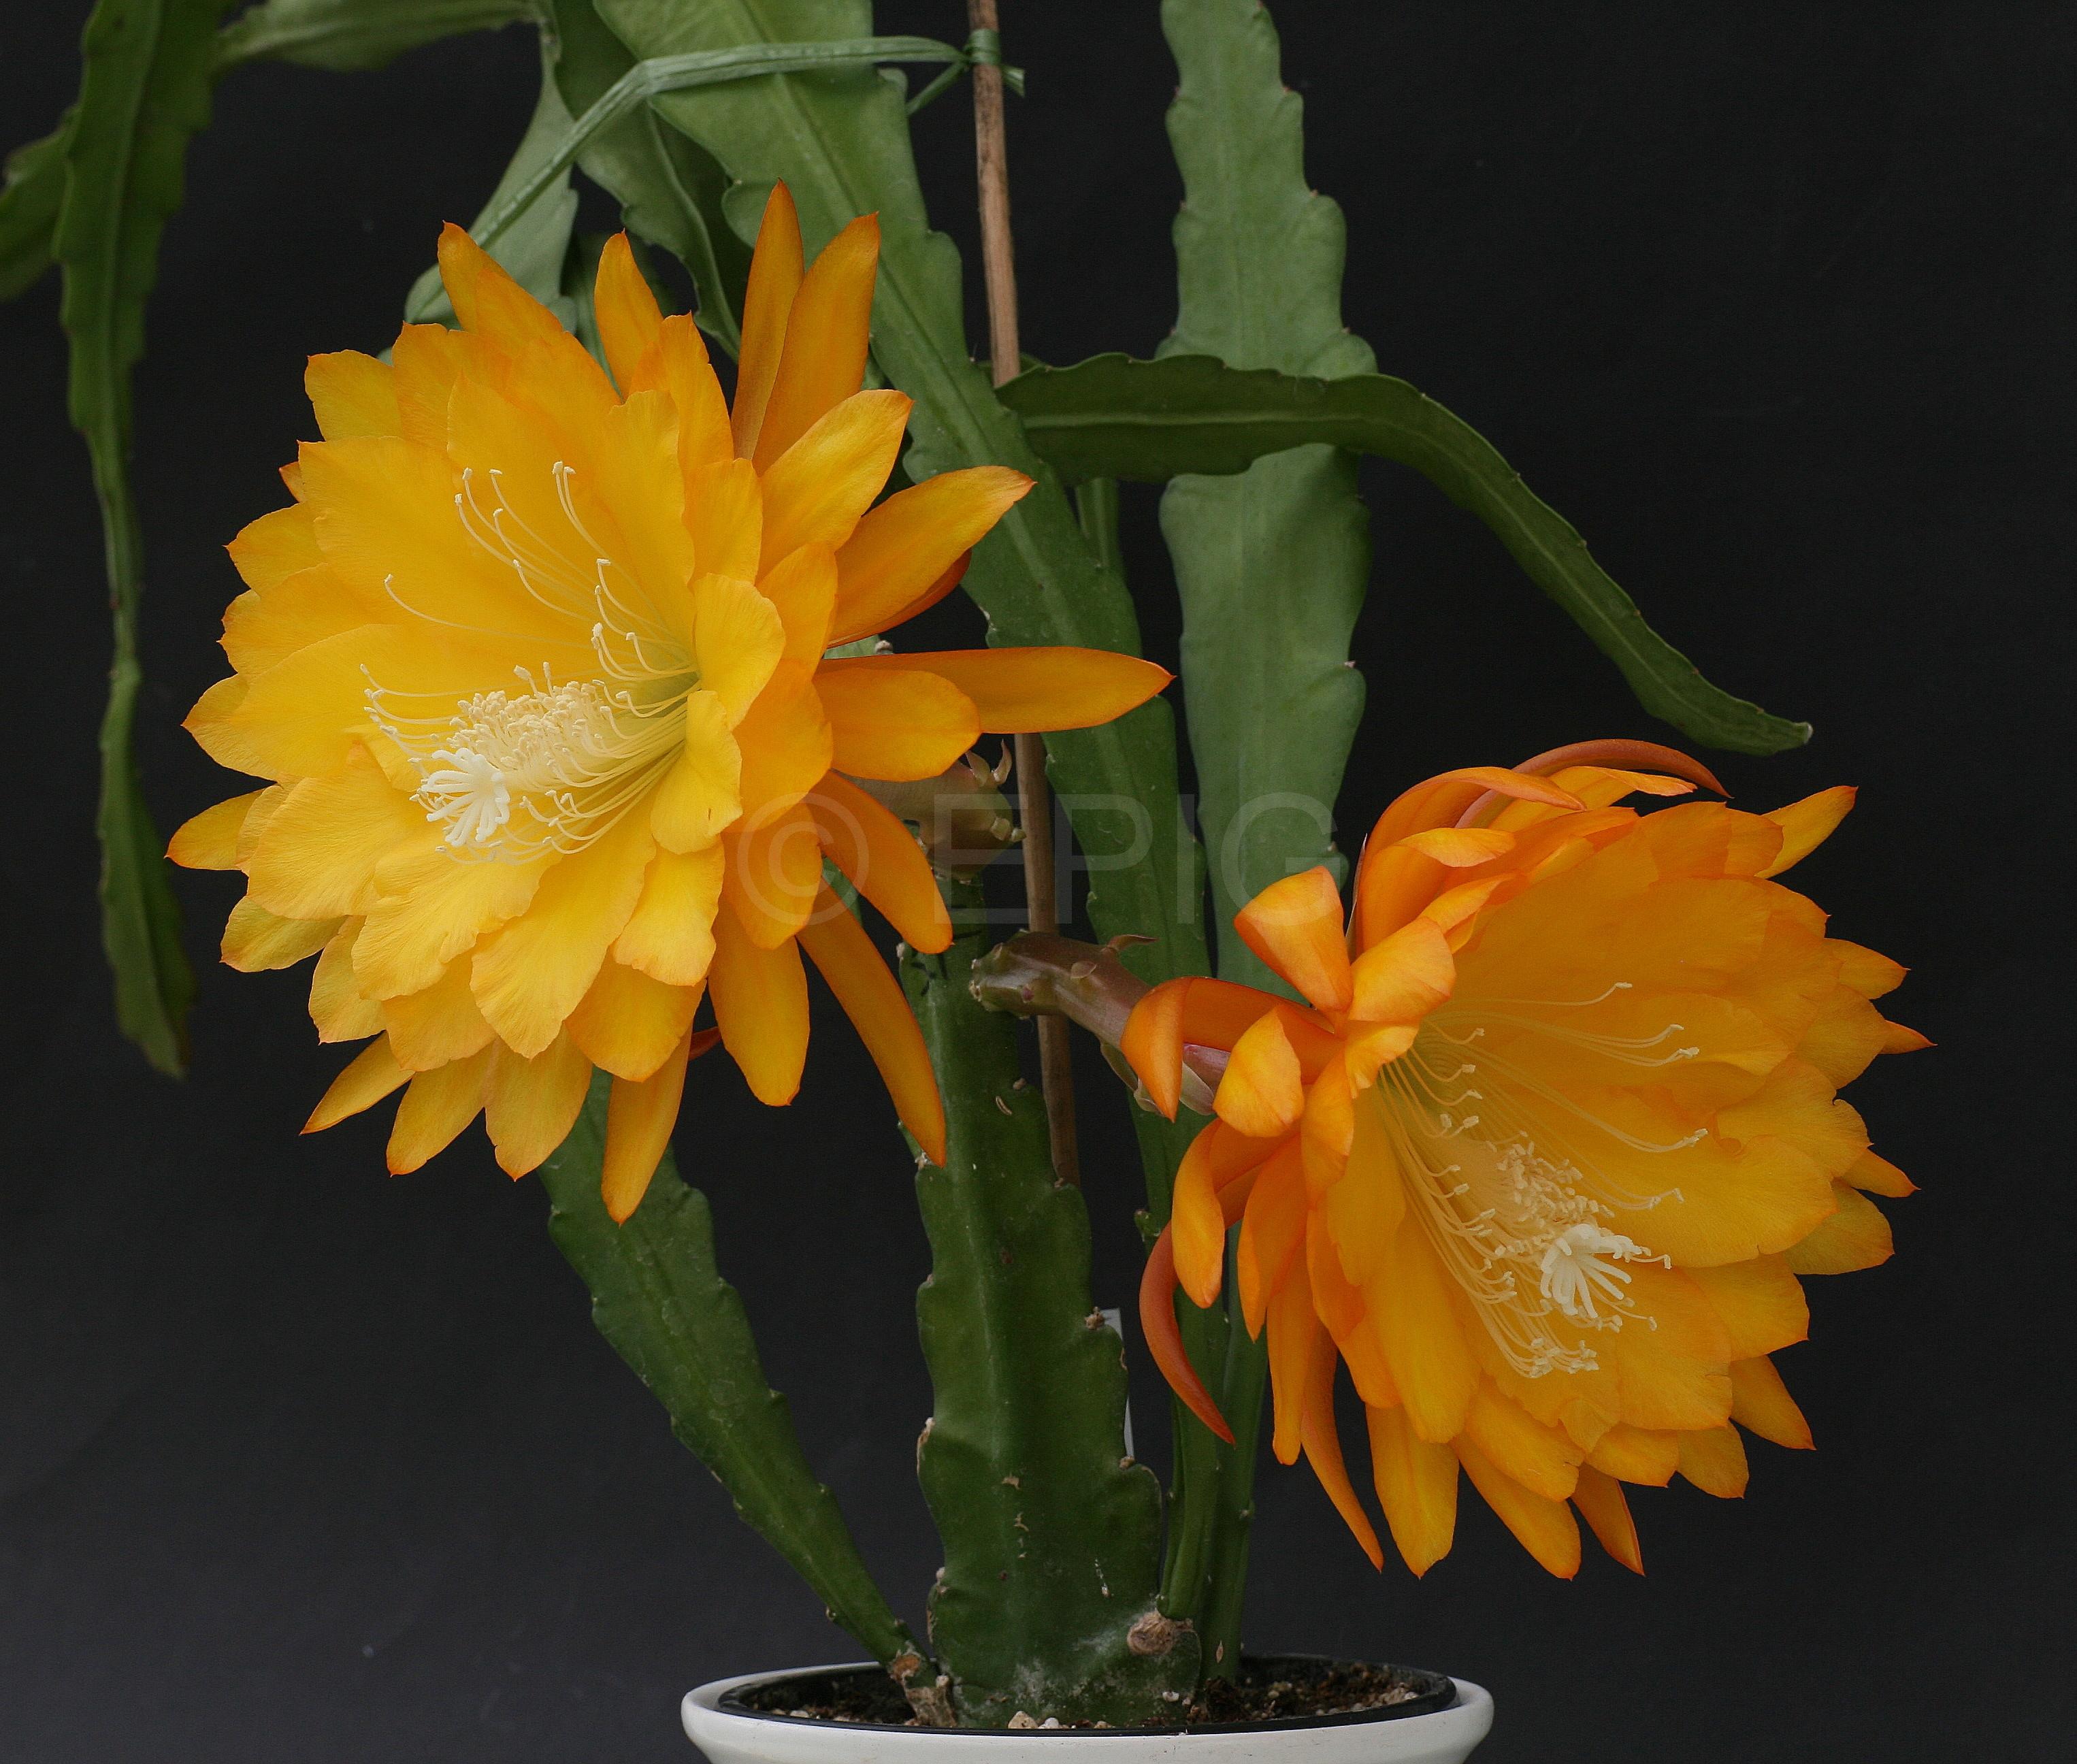 Epikaktus 'Yellow Tang' (Foto Jochen Bockemühl)